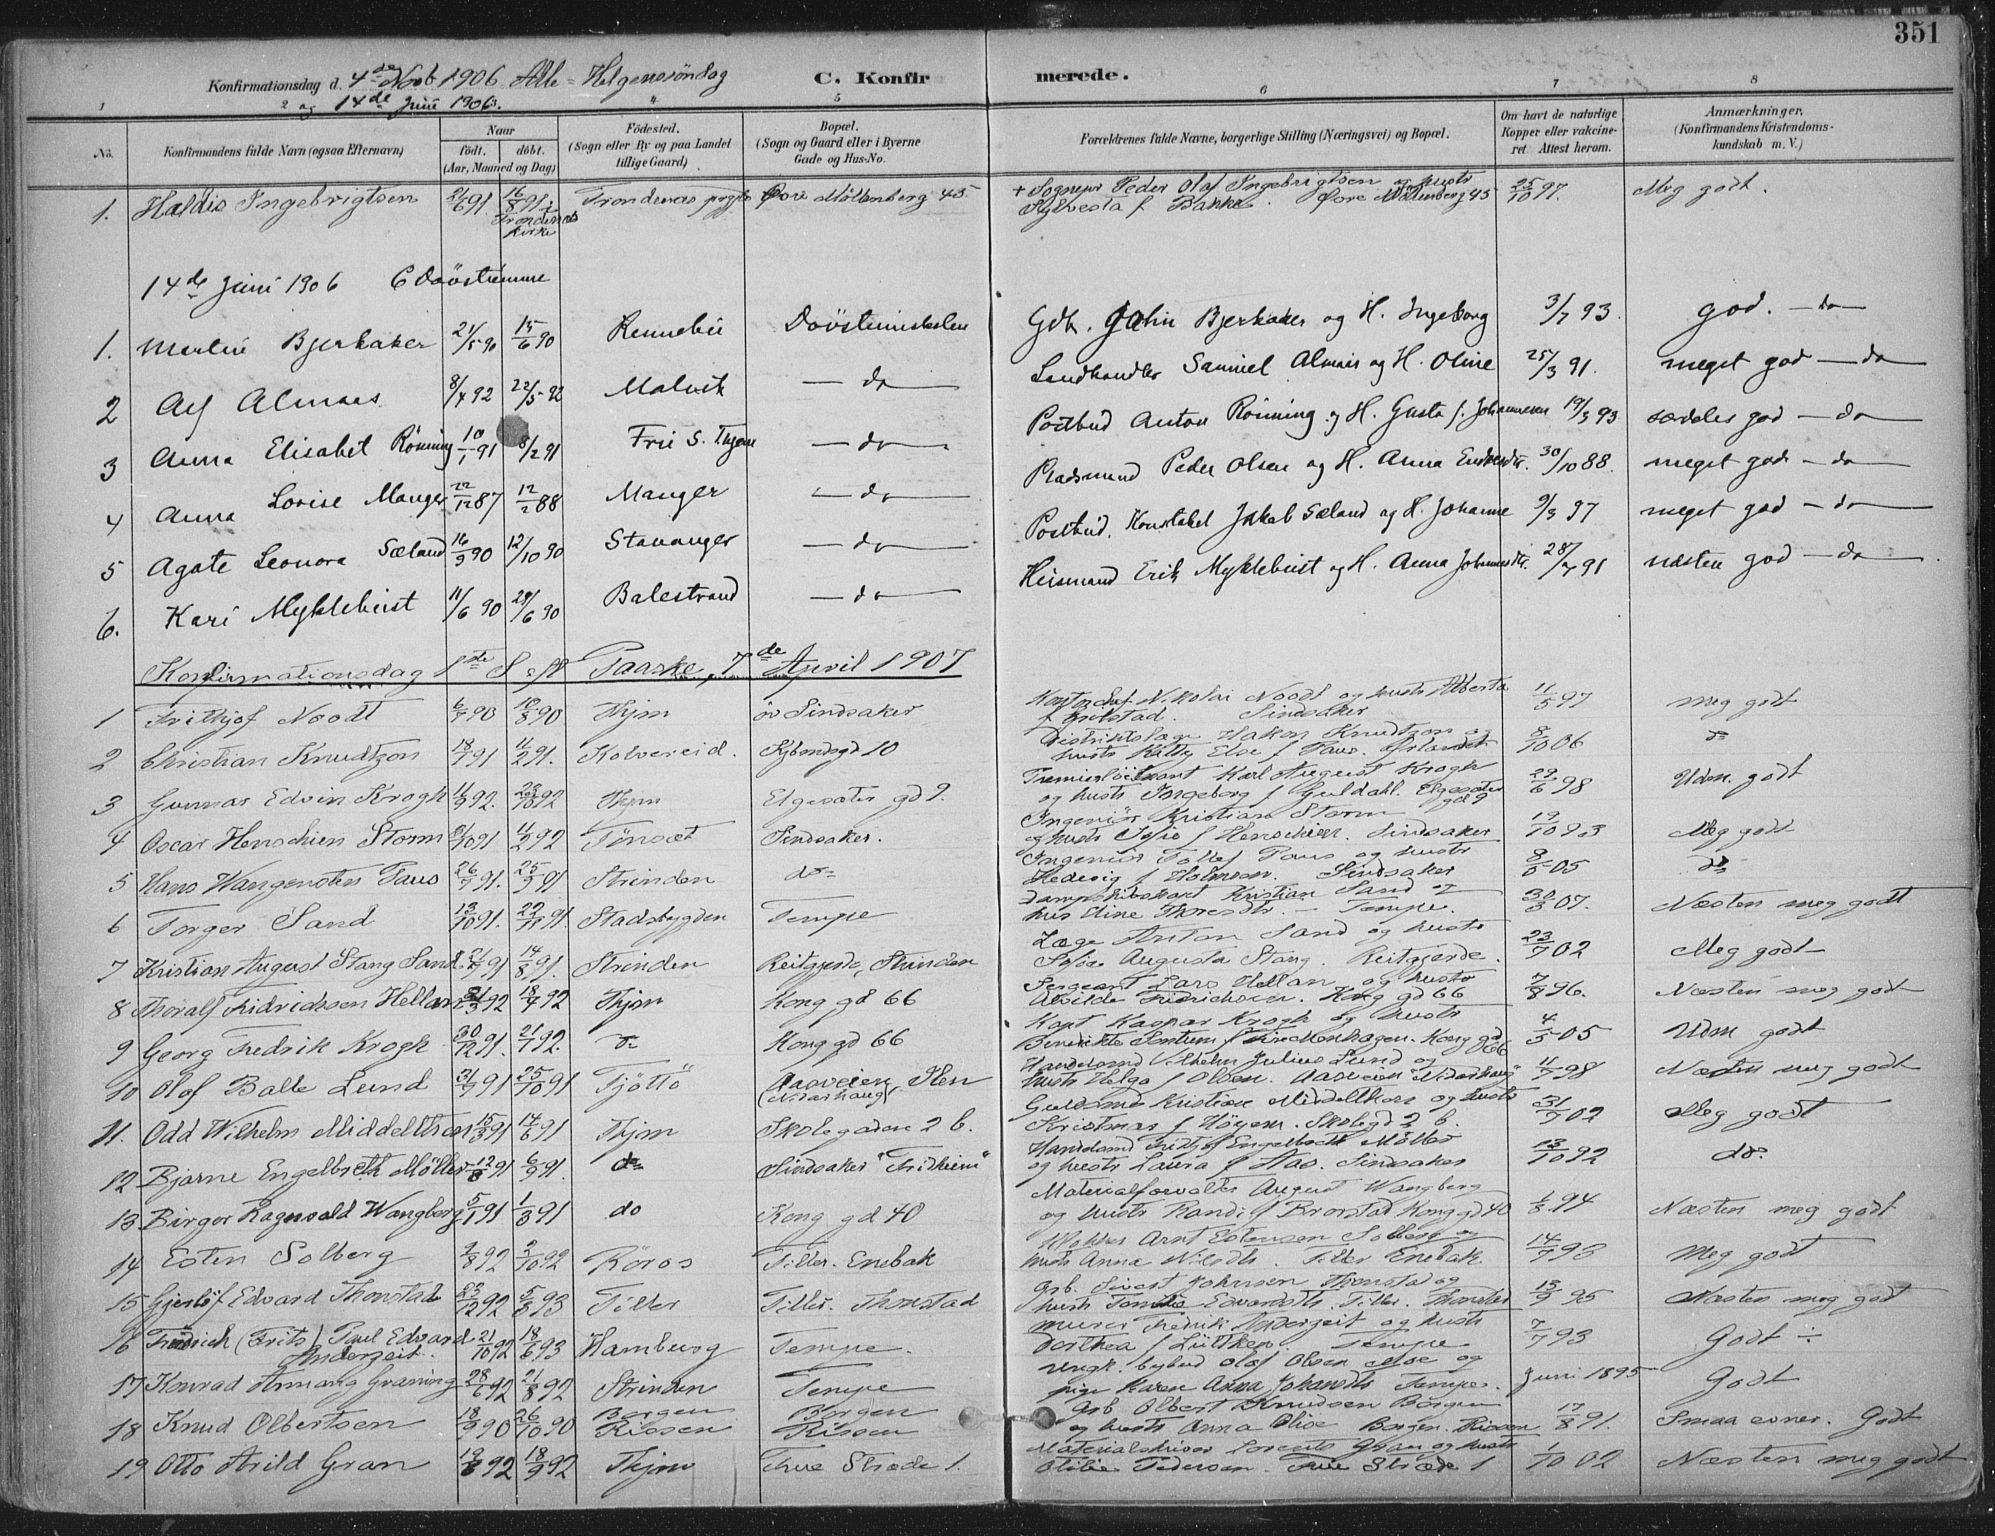 SAT, Ministerialprotokoller, klokkerbøker og fødselsregistre - Sør-Trøndelag, 601/L0062: Ministerialbok nr. 601A30, 1891-1911, s. 351